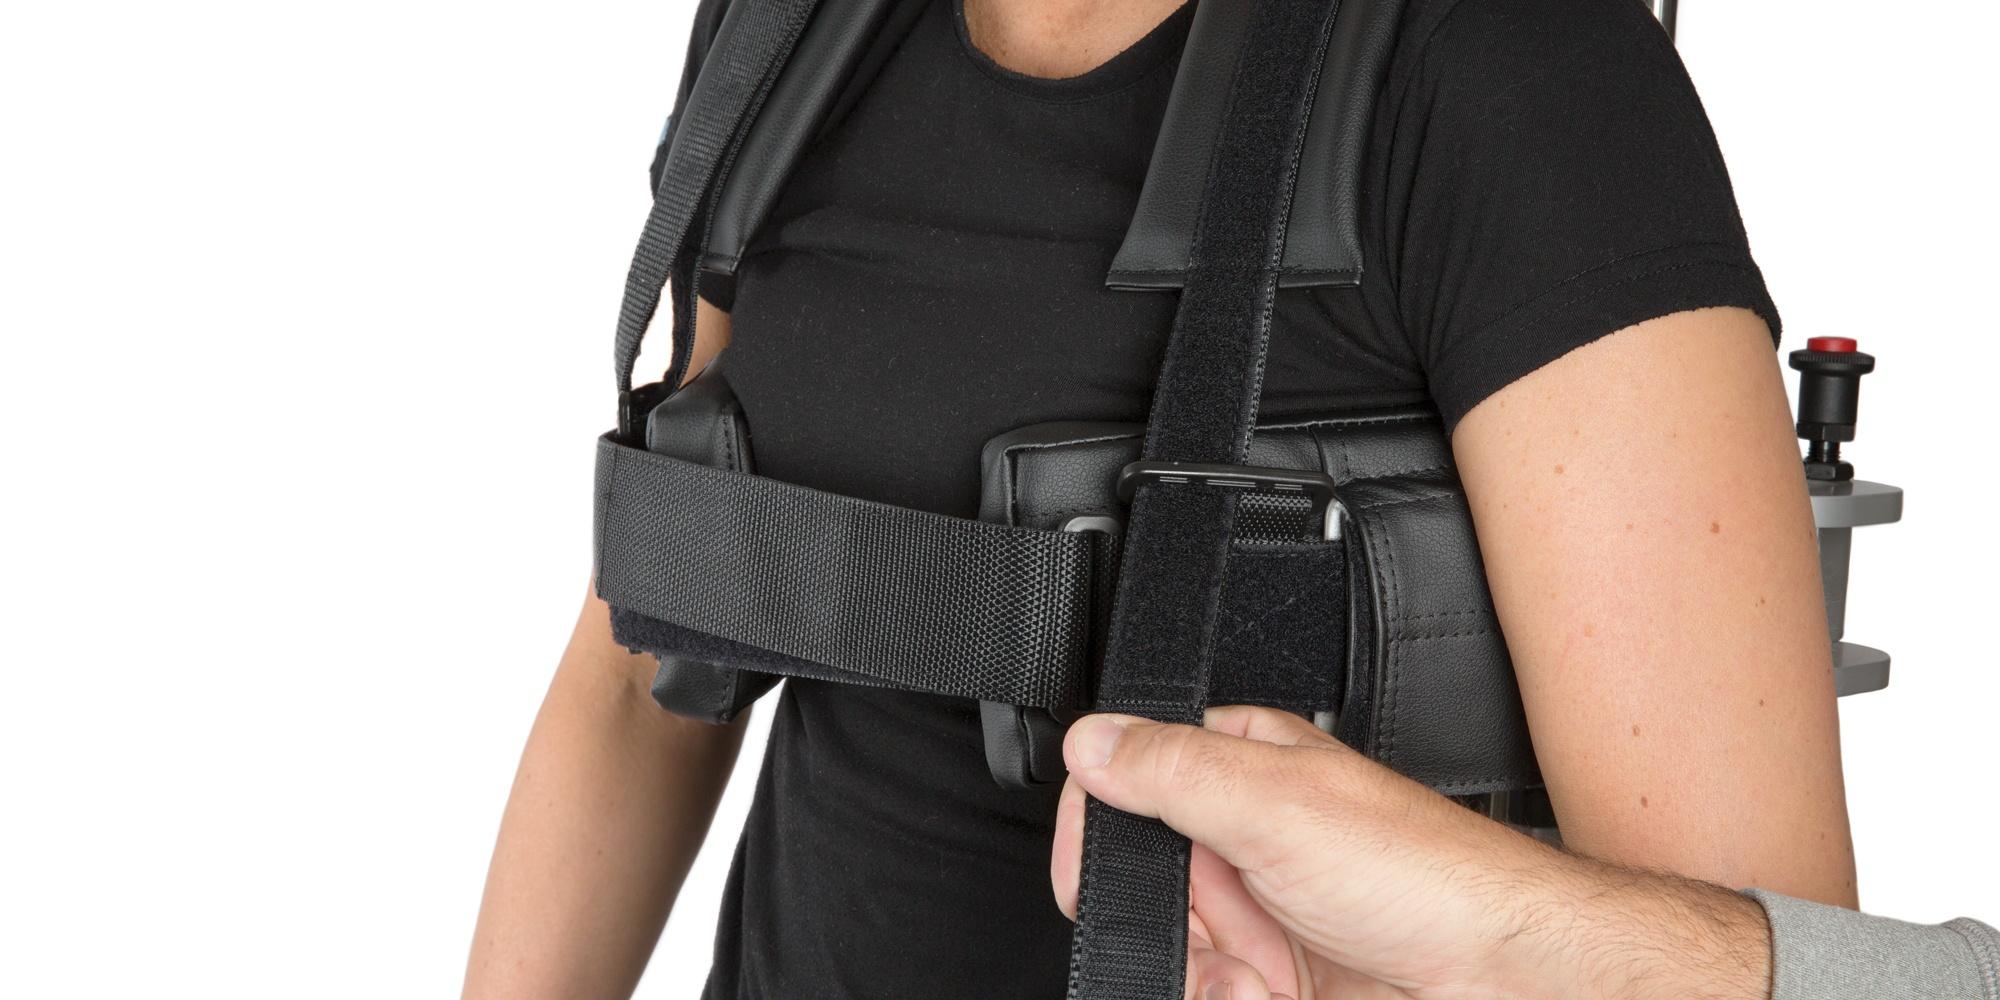 Shoulder-straps